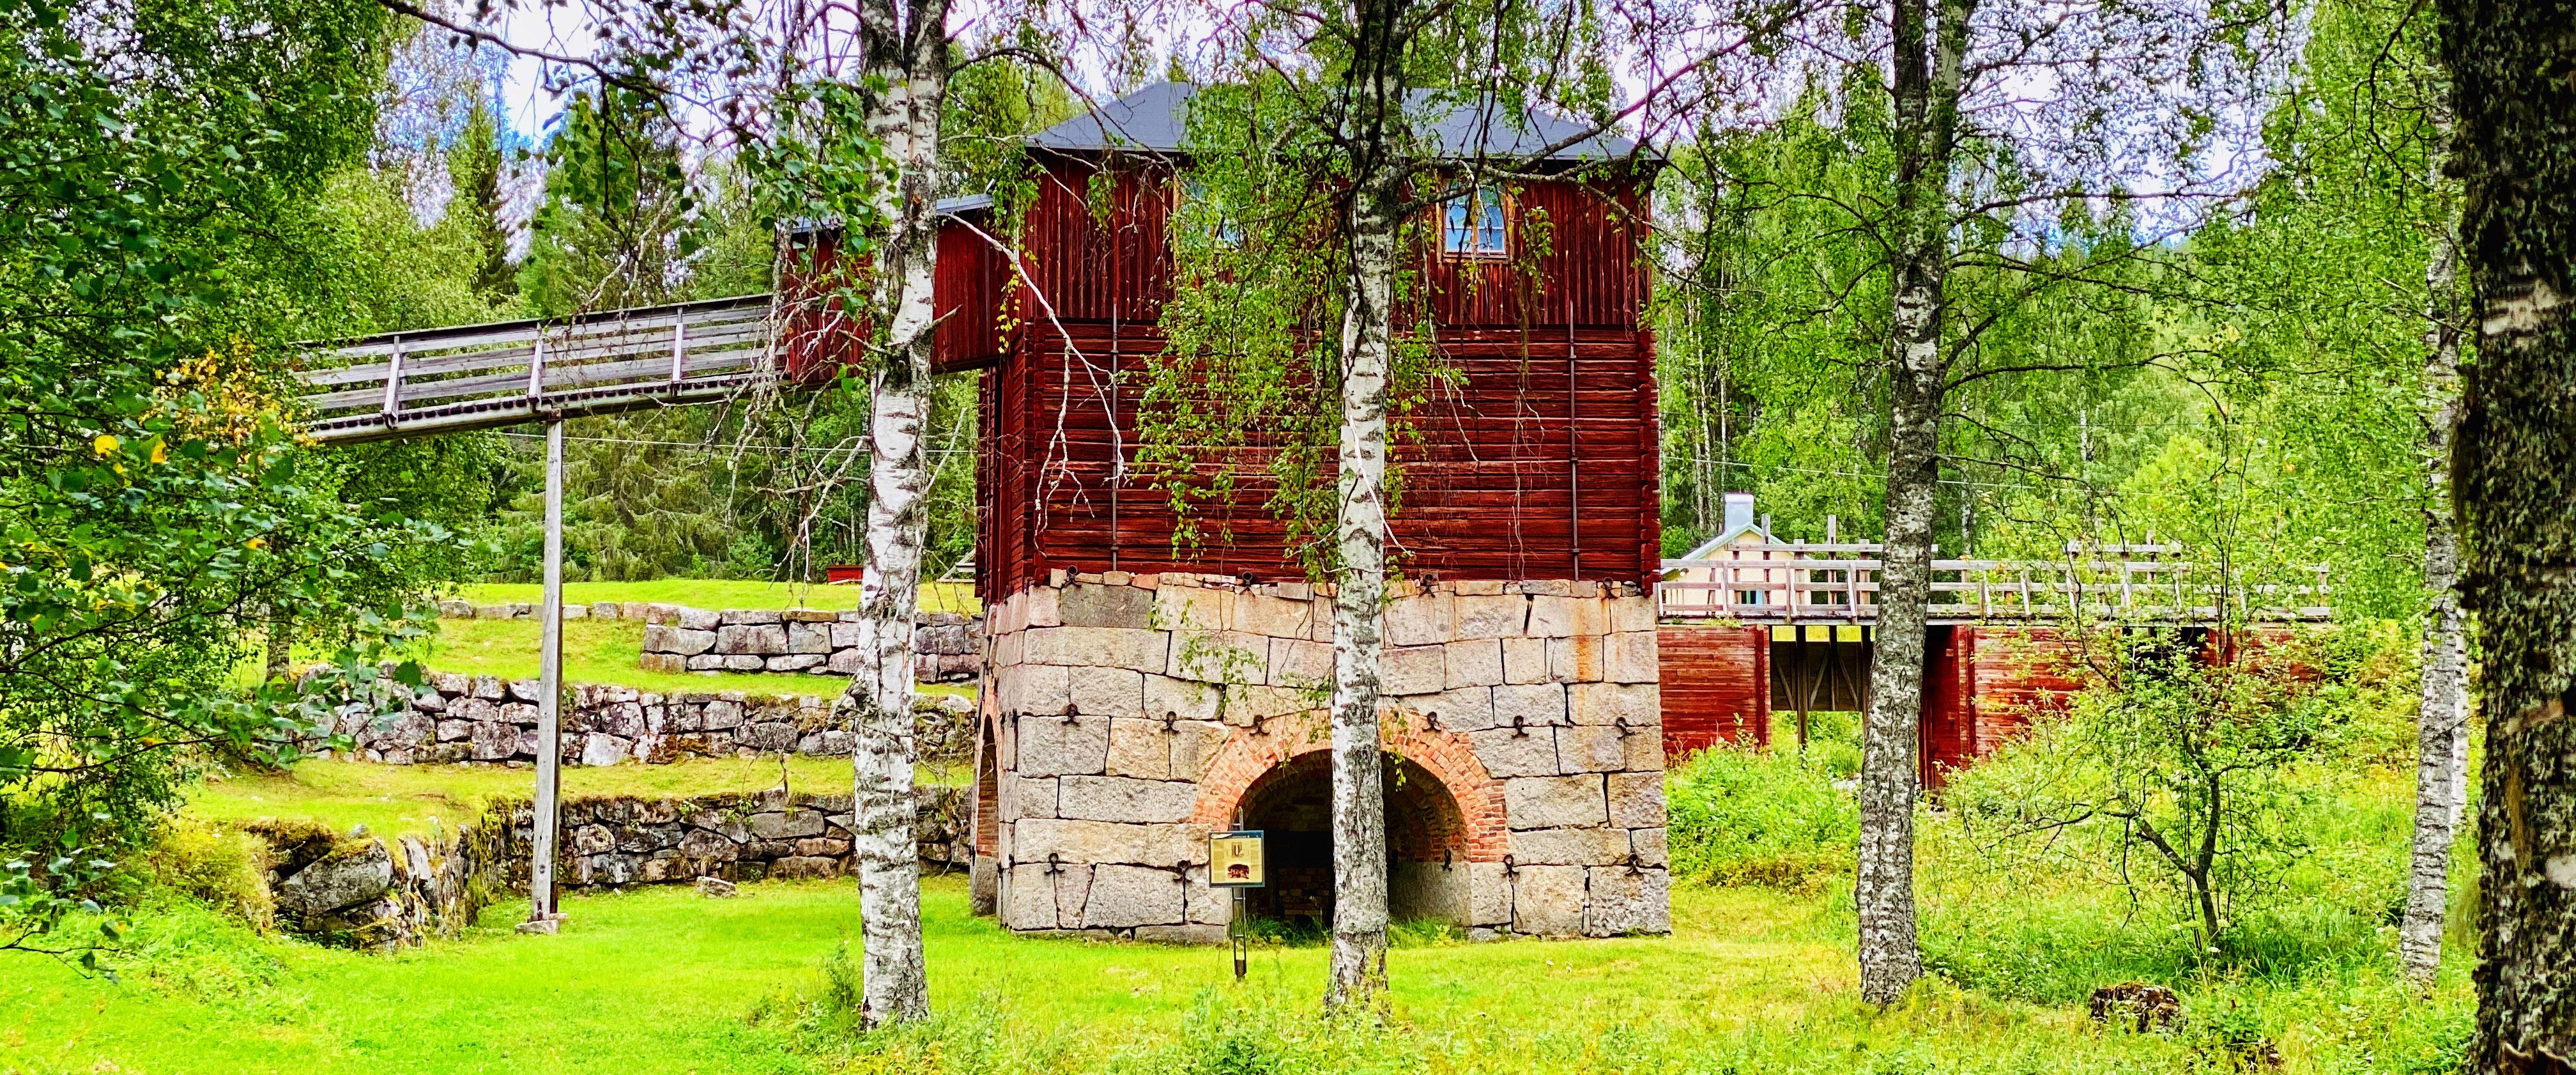 Ecopark Rosfors